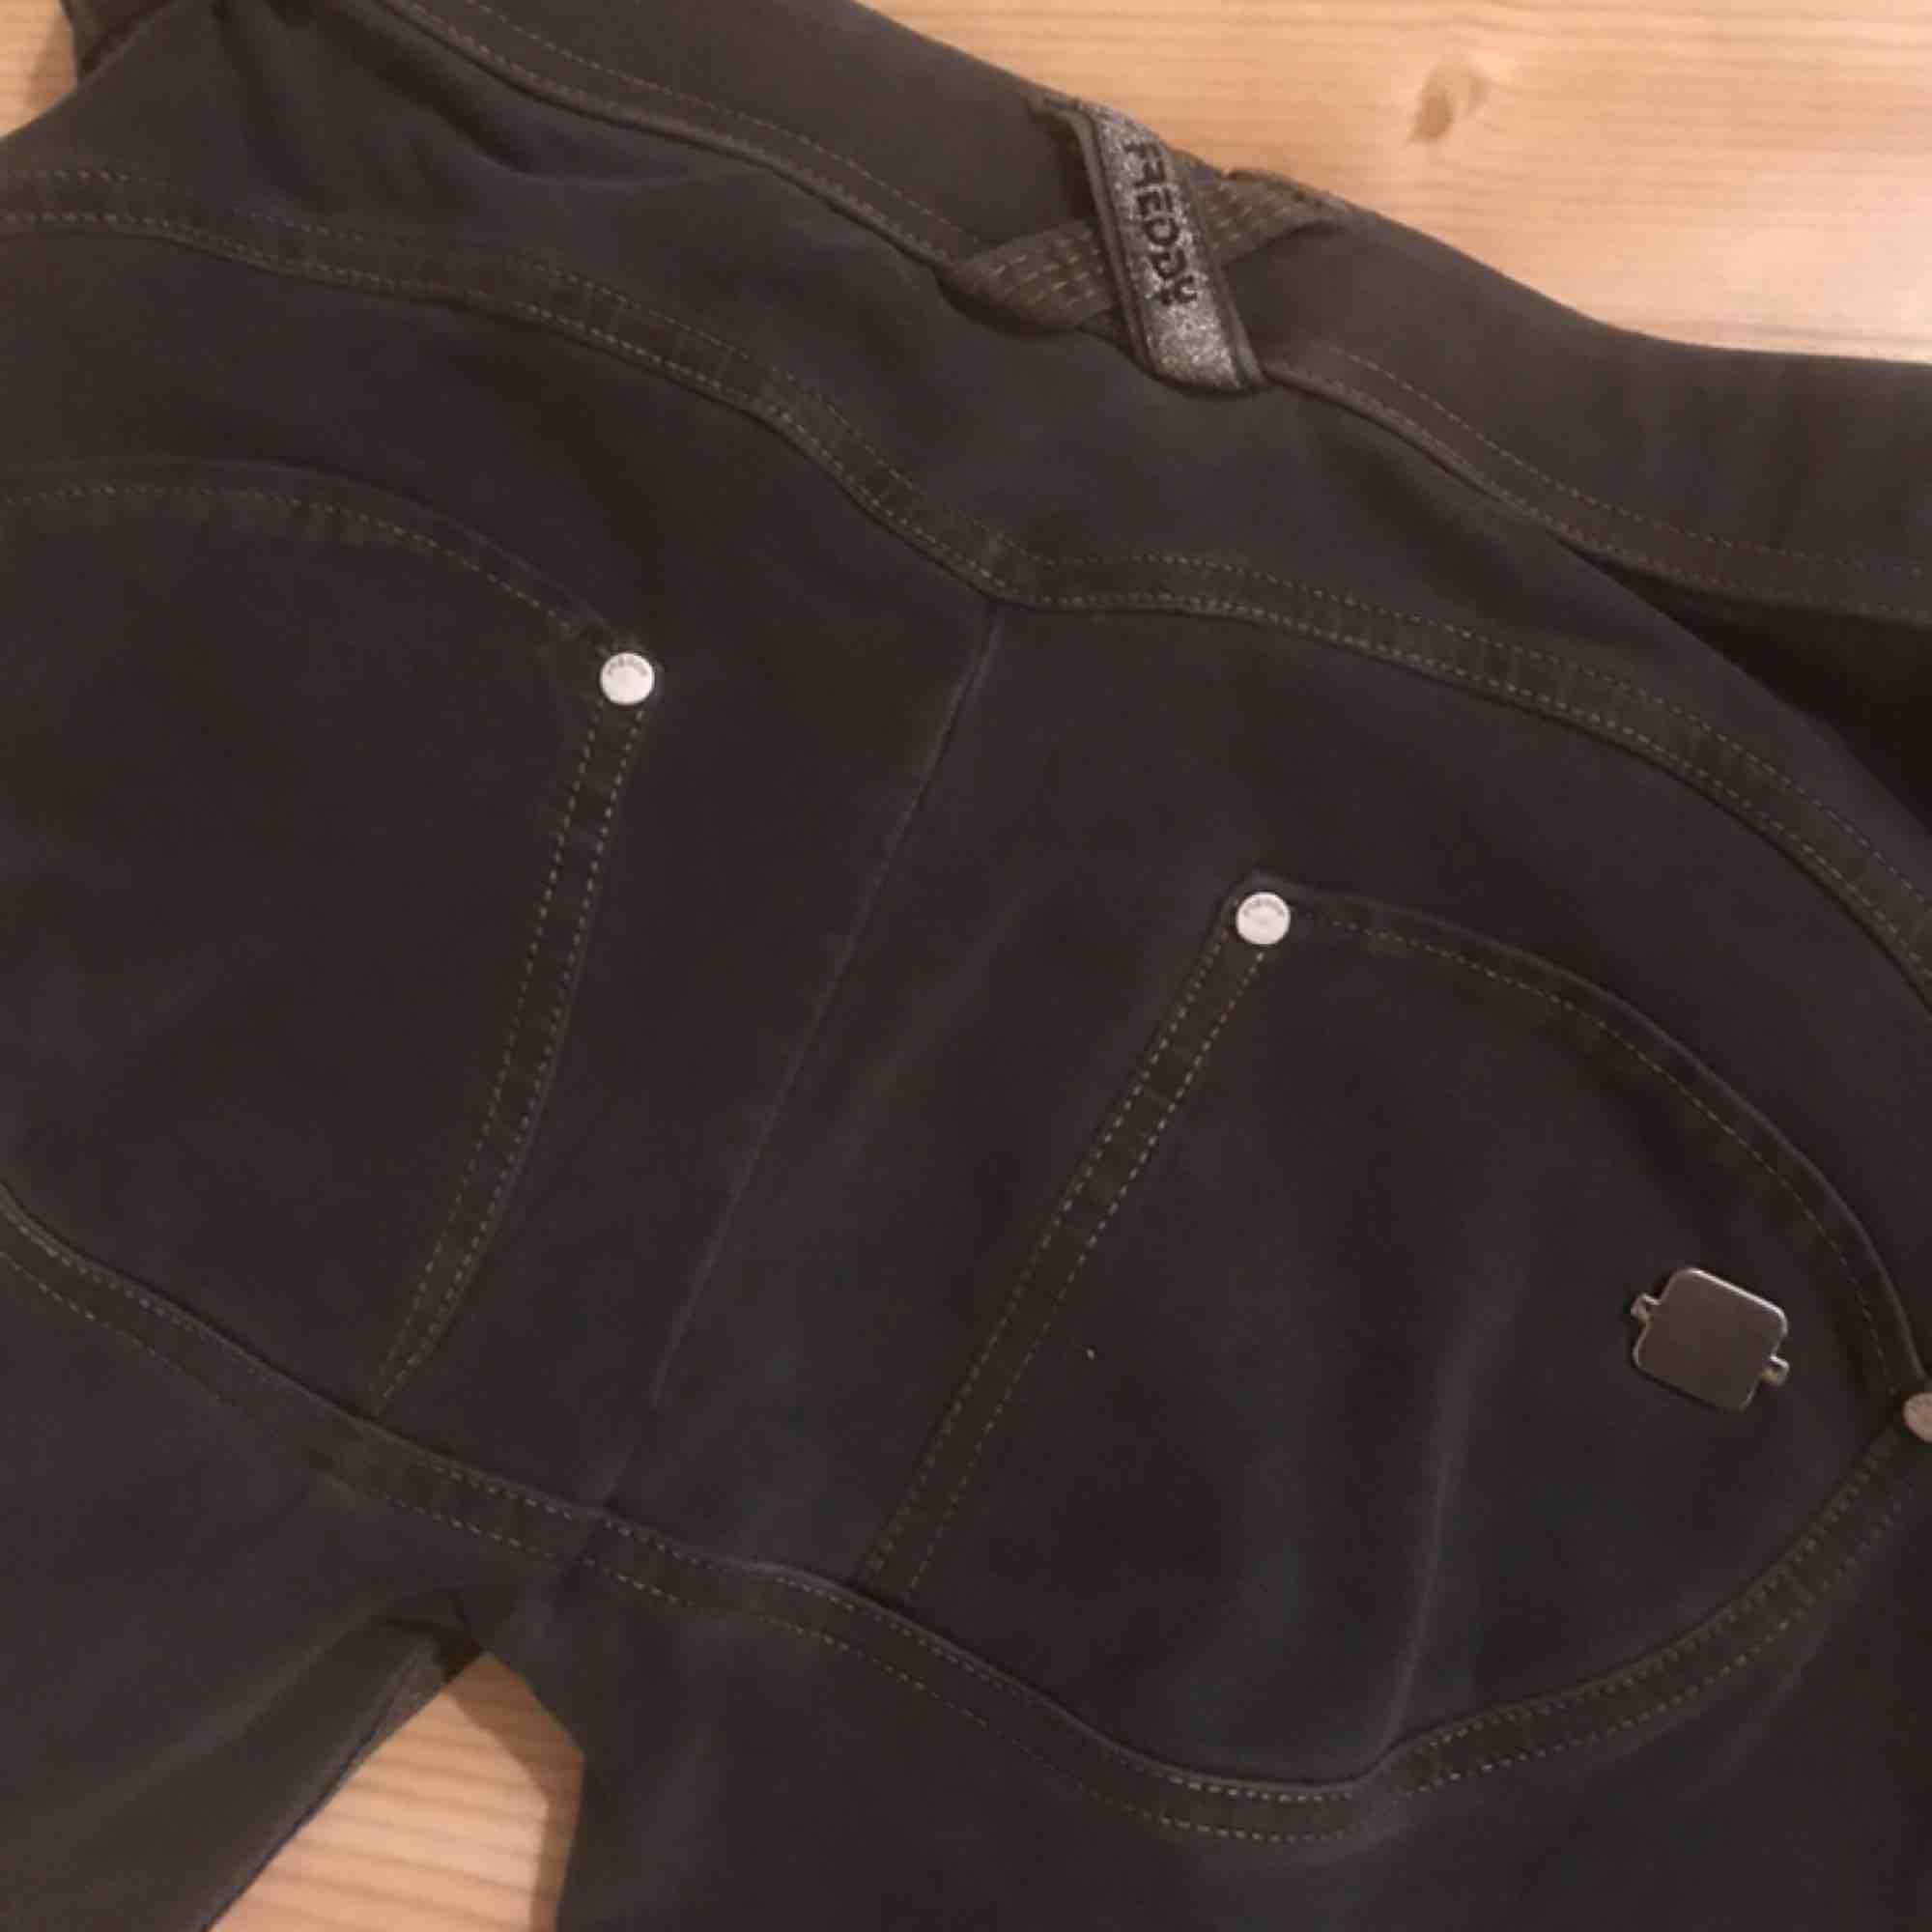 Säljer två par Freddy wr.up byxor med slitningar. Jättesköna och snygga, men jag har tyvärr för liten butt. Storlek XS: 300kr (använd 2 gånger).  Storlek S: 350kr (oanvända och lappen kvar). . Jeans & Byxor.